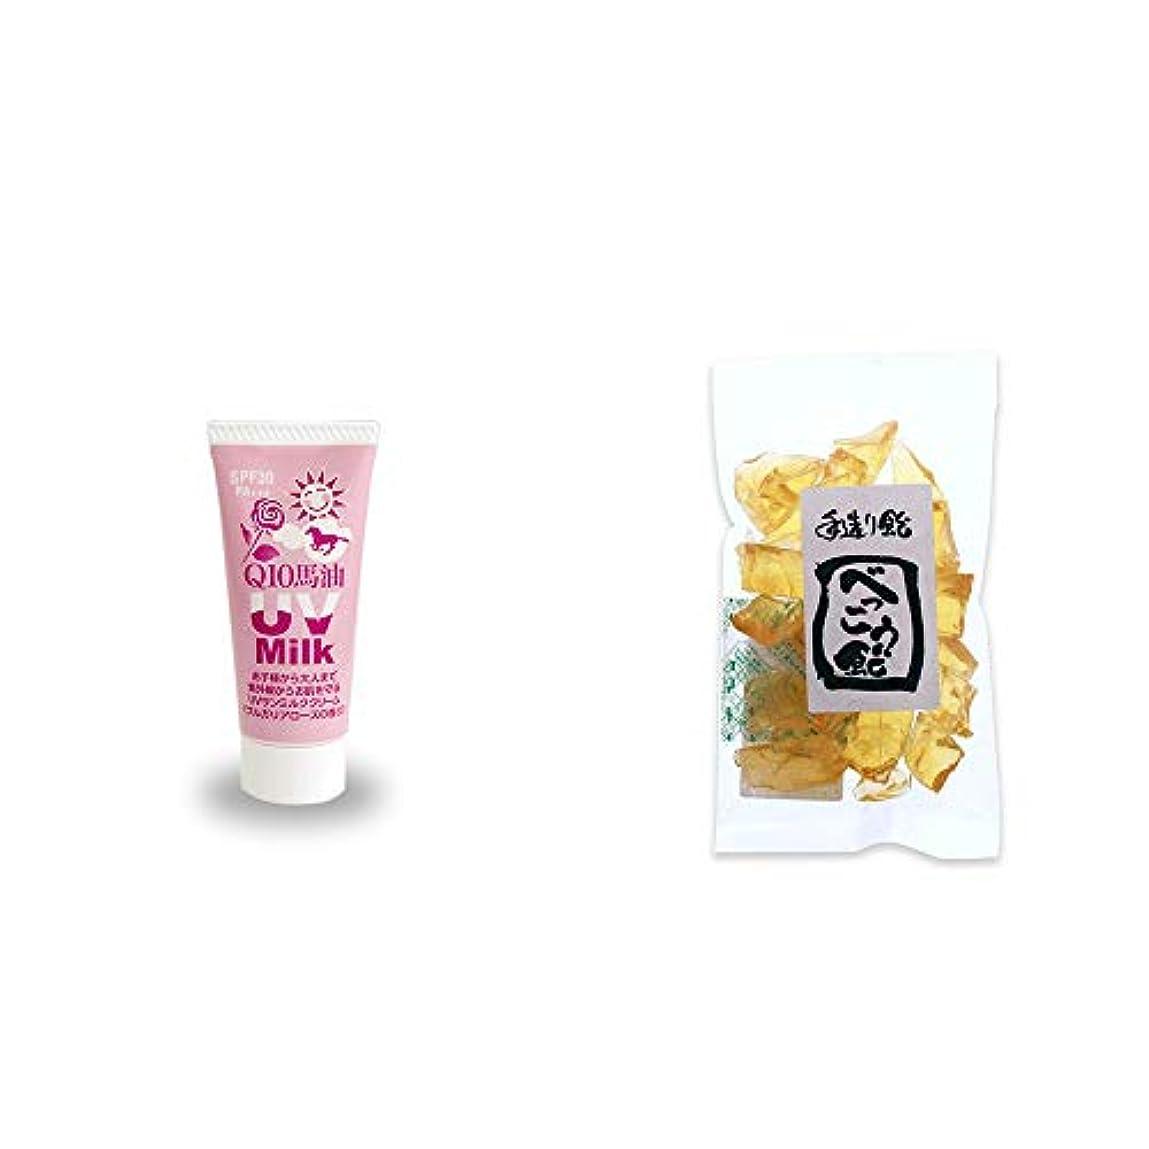 散らすモック比喩[2点セット] 炭黒泉 Q10馬油 UVサンミルク[ブルガリアローズ](40g)?べっこう飴(160g)